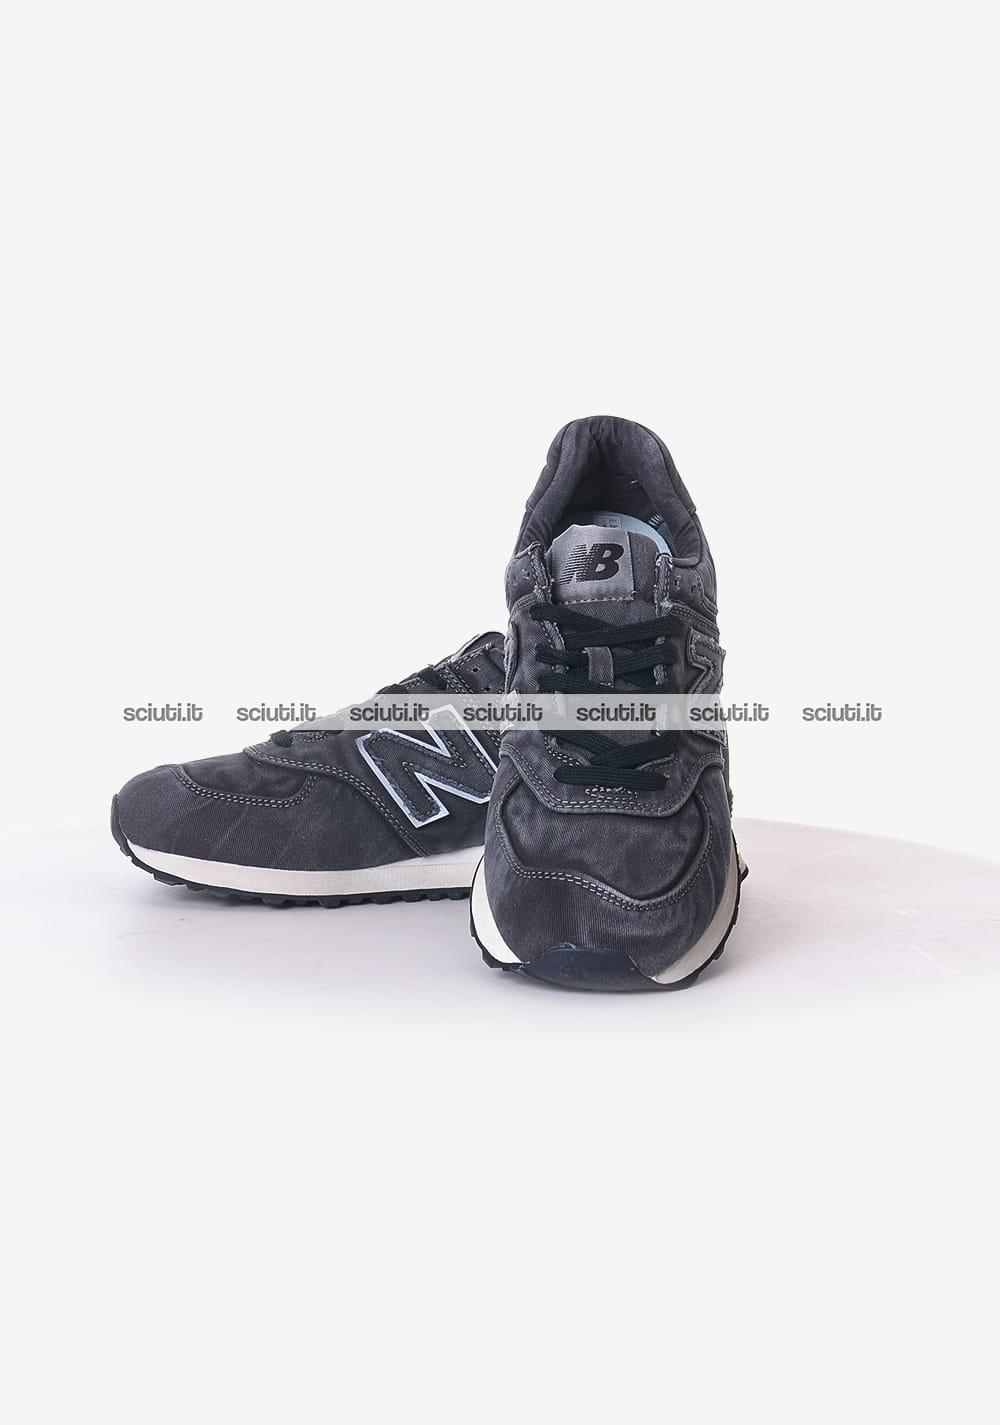 new balance 574 grigio scuro